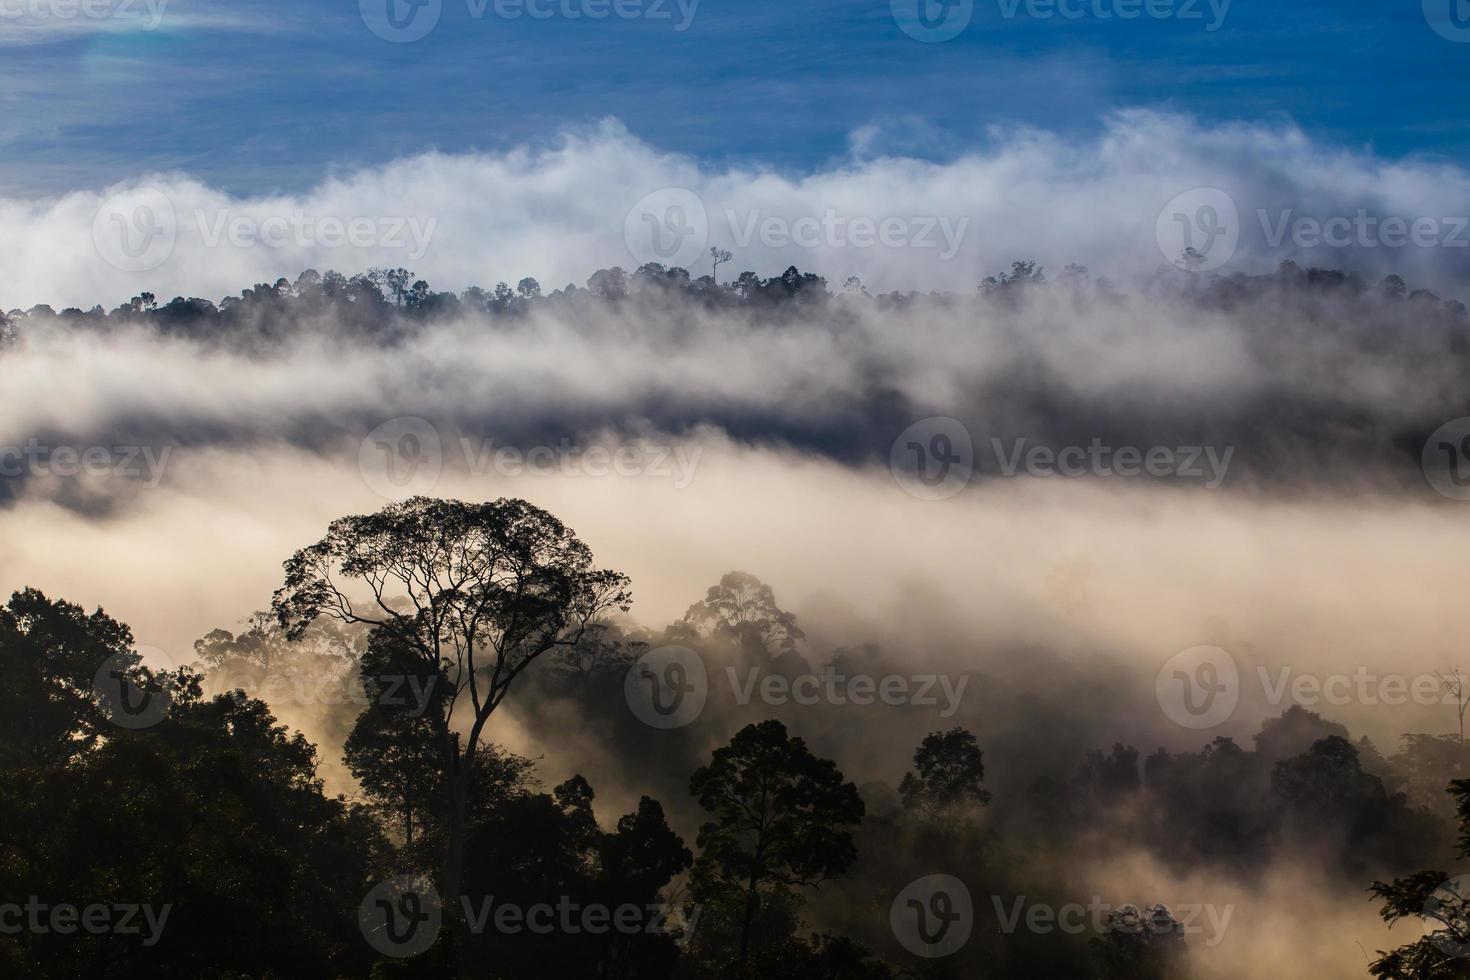 hala-bala narathi era la vista del paesaggio della luce del mattino (foreste pluviali foto